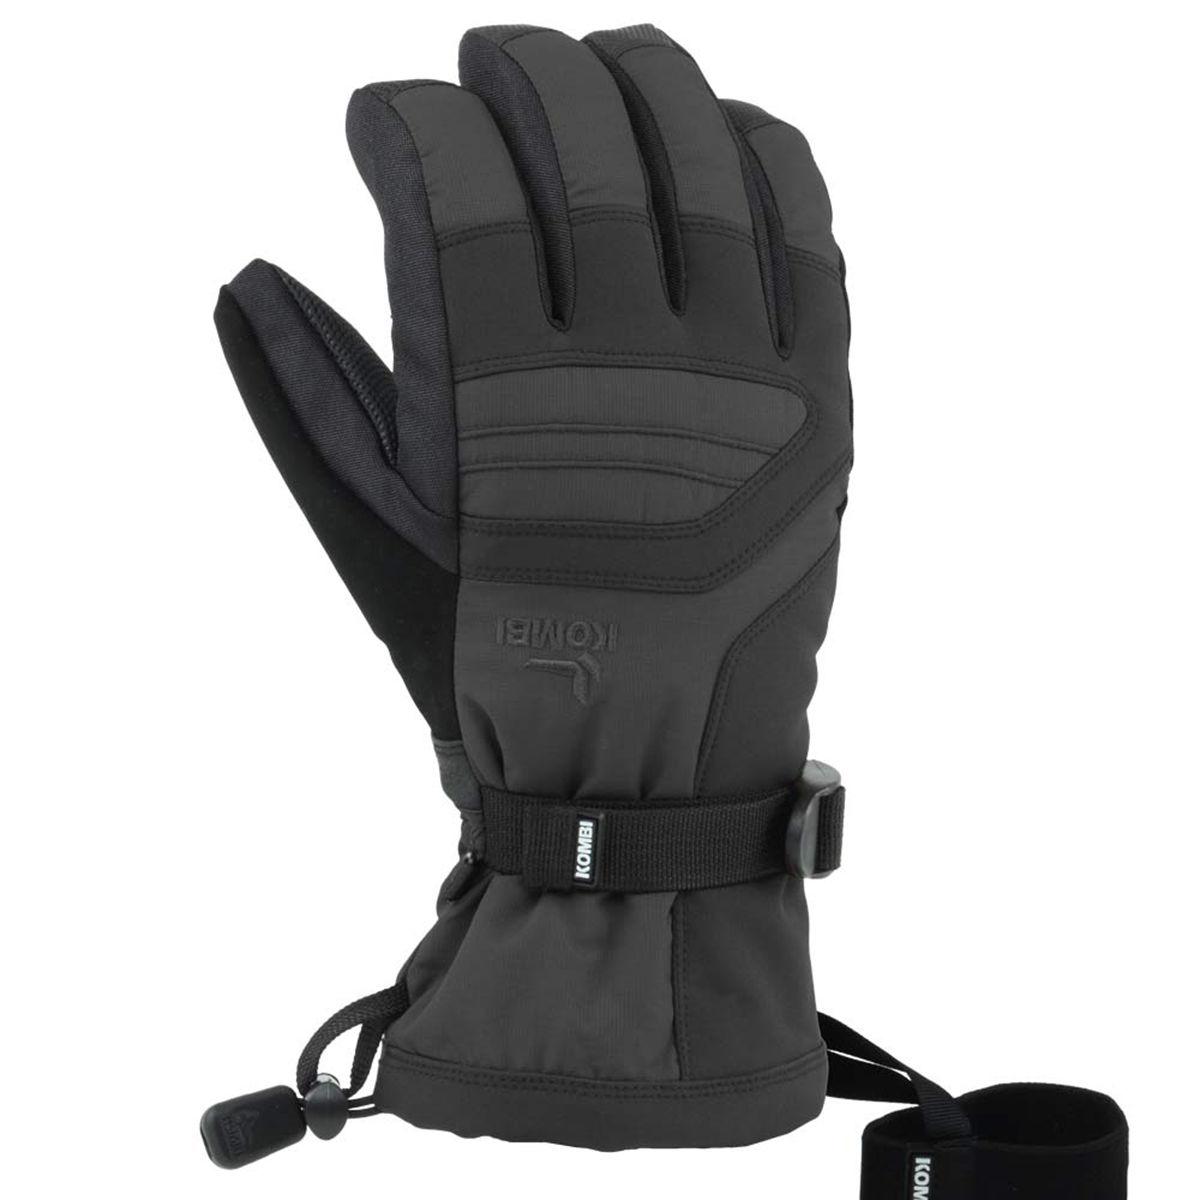 Kombi Storm Cuff Iii Glove - Black, S